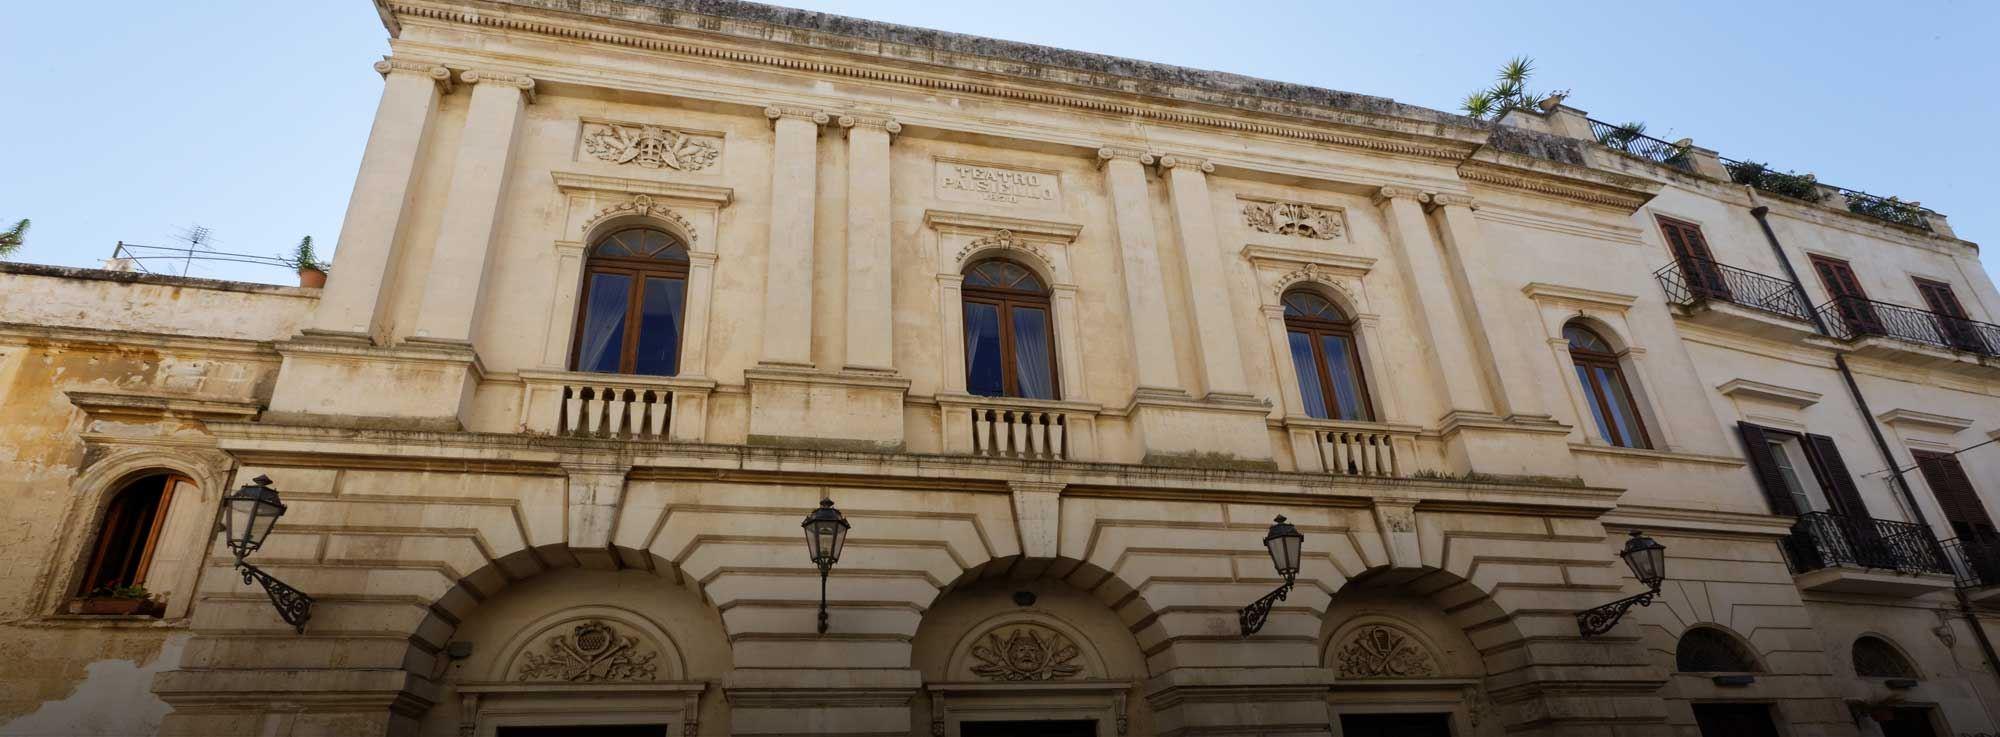 Lecce: Eccomi qui